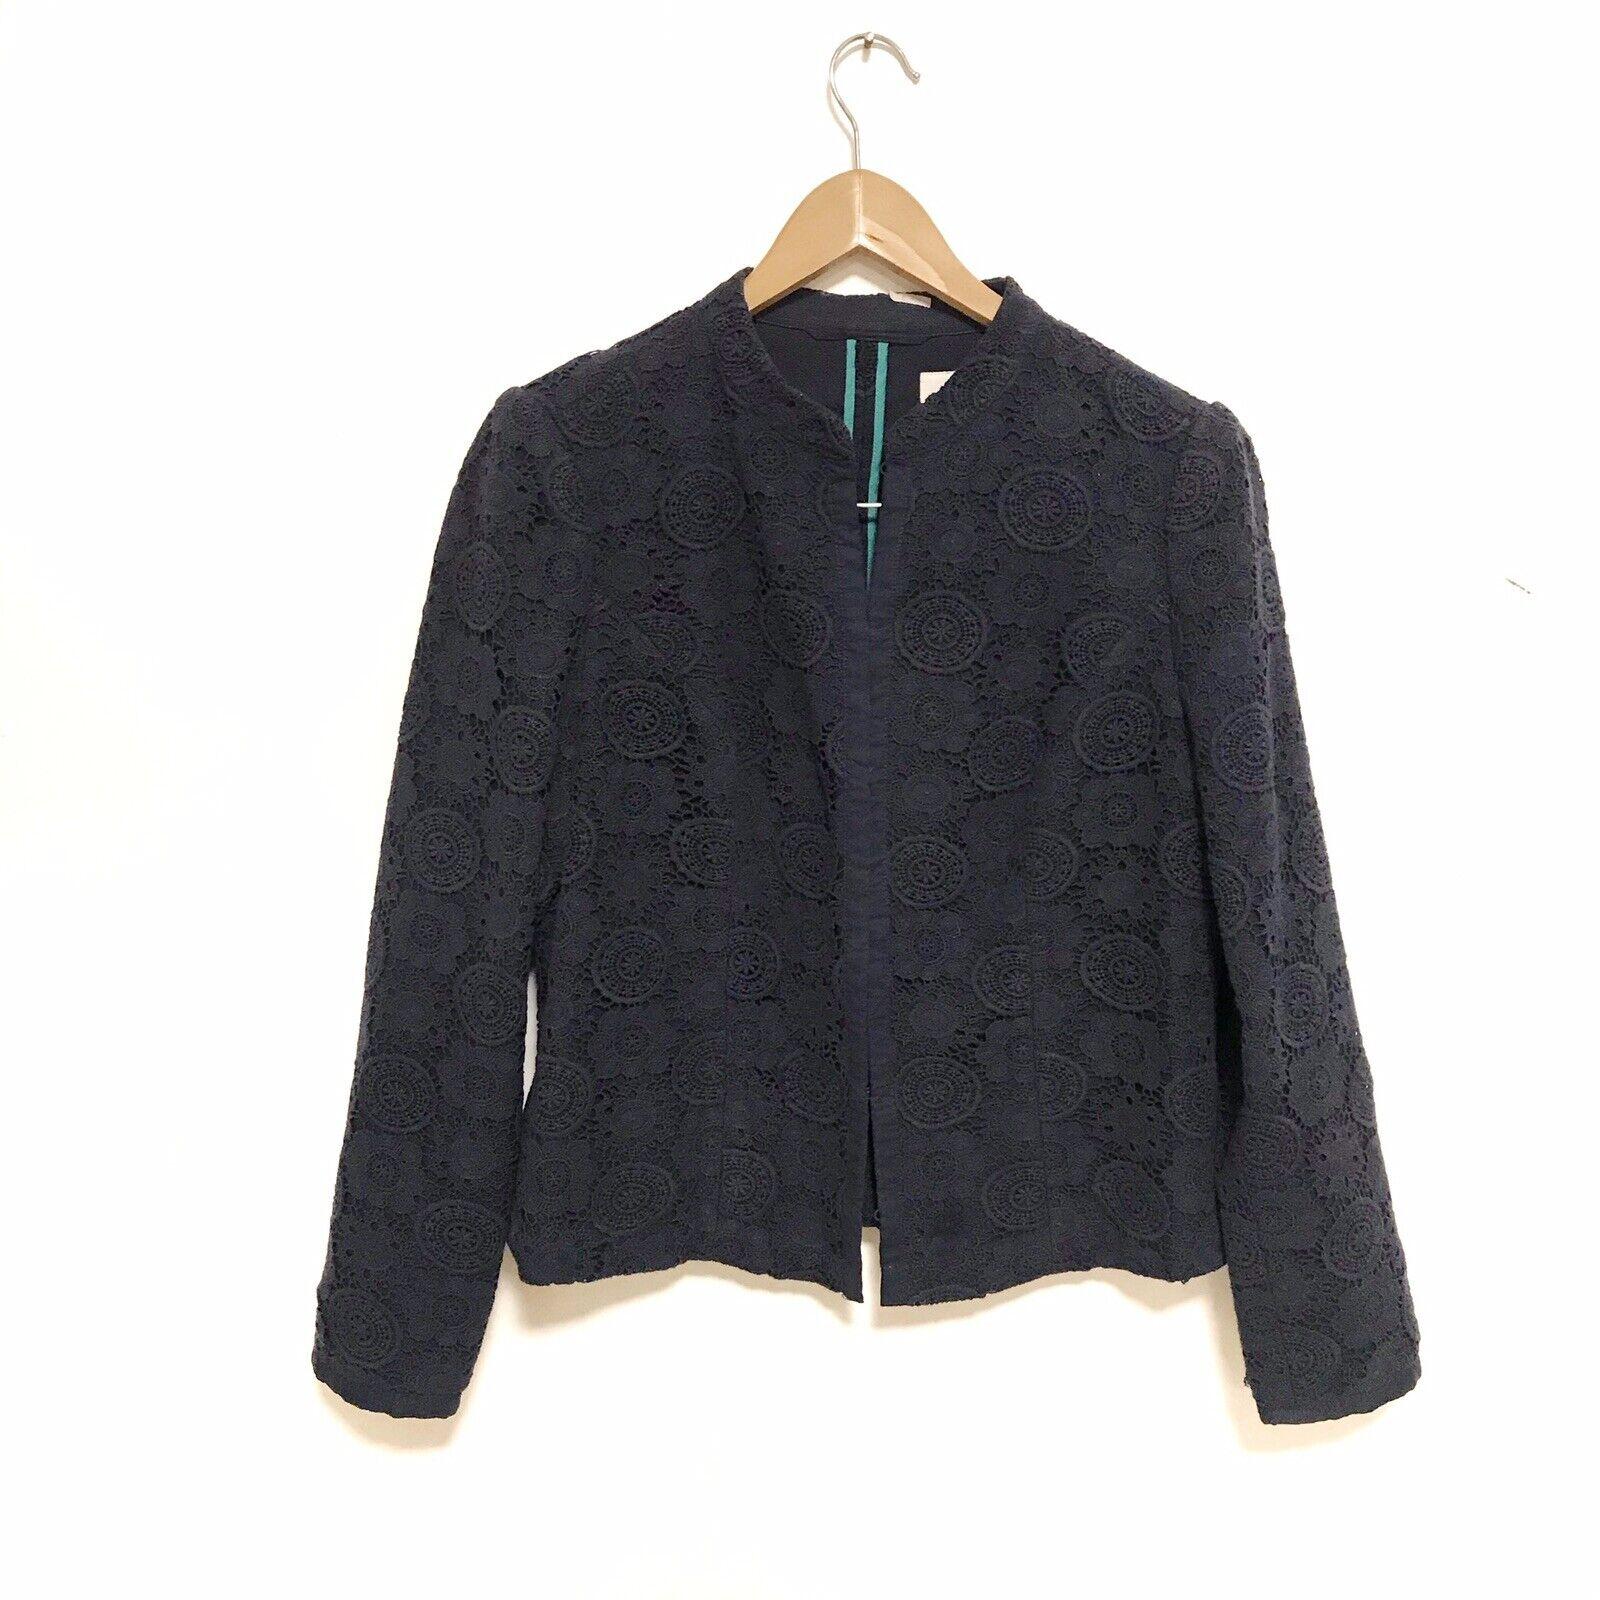 Boden eyelet lace crochet navy Blue heavy blazer Size 12